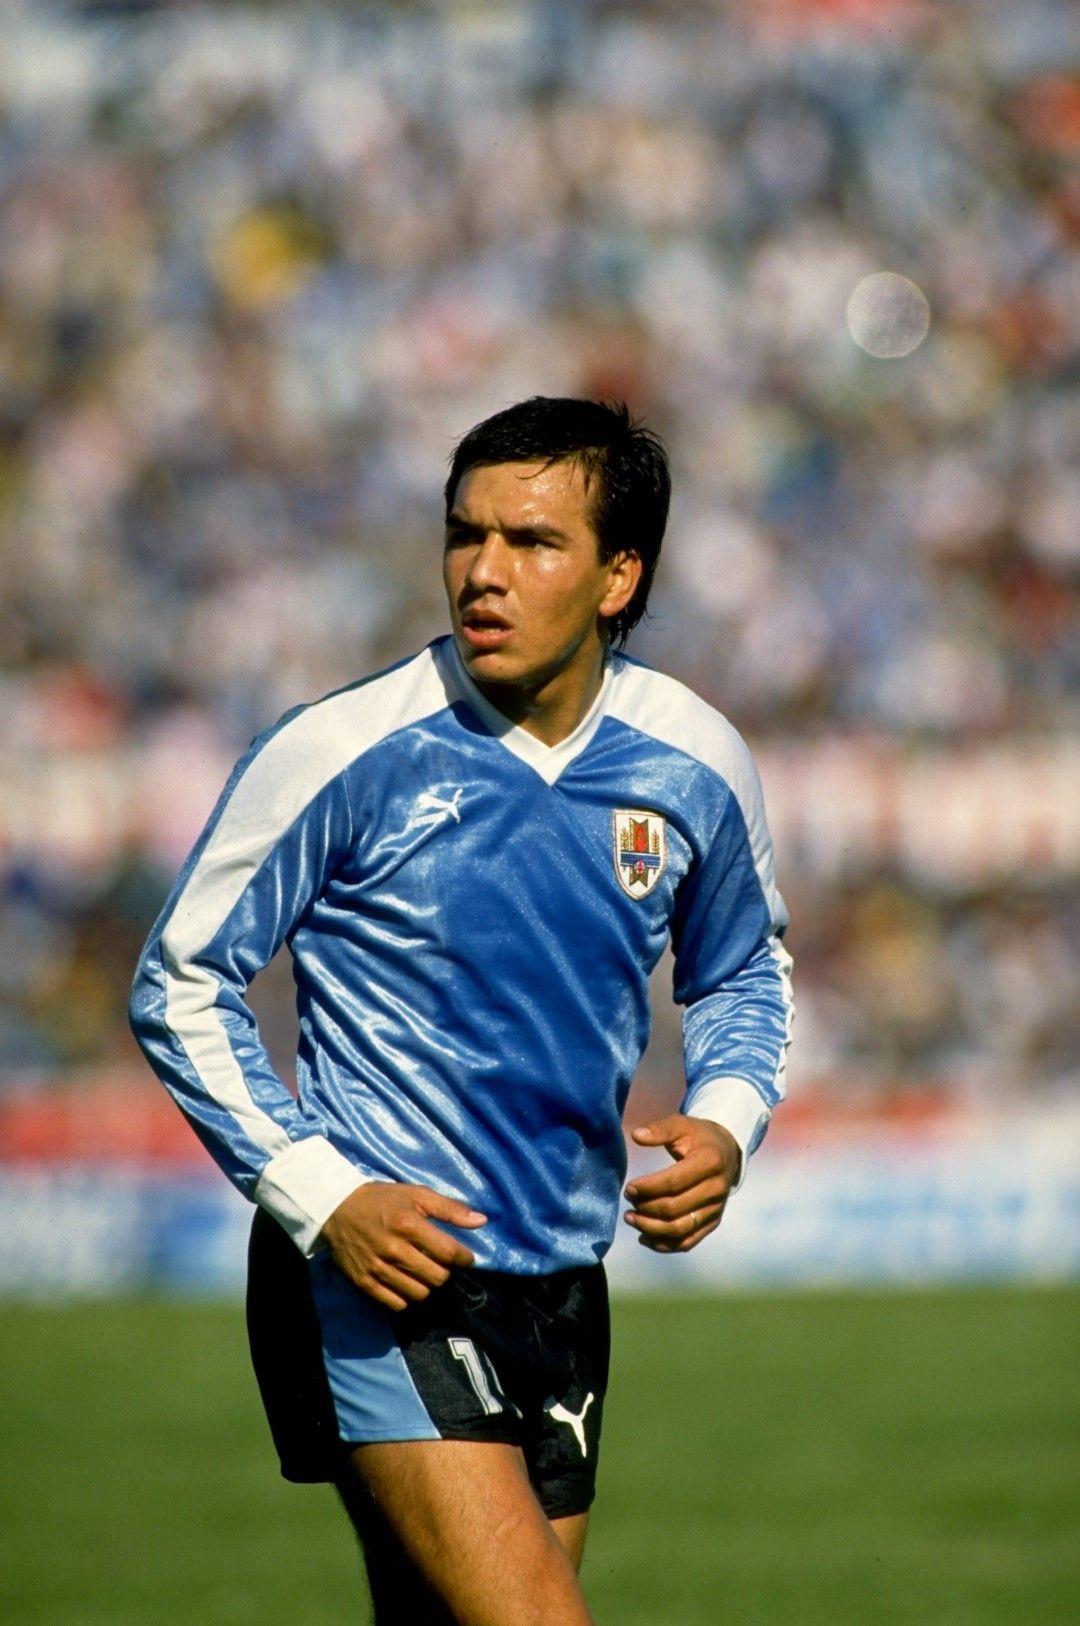 """Рубен Соса бе голяма звезда през 90-те години, талантът в иначе """"работническия отбор"""" на Уругвай. Снимка: Getty Images"""